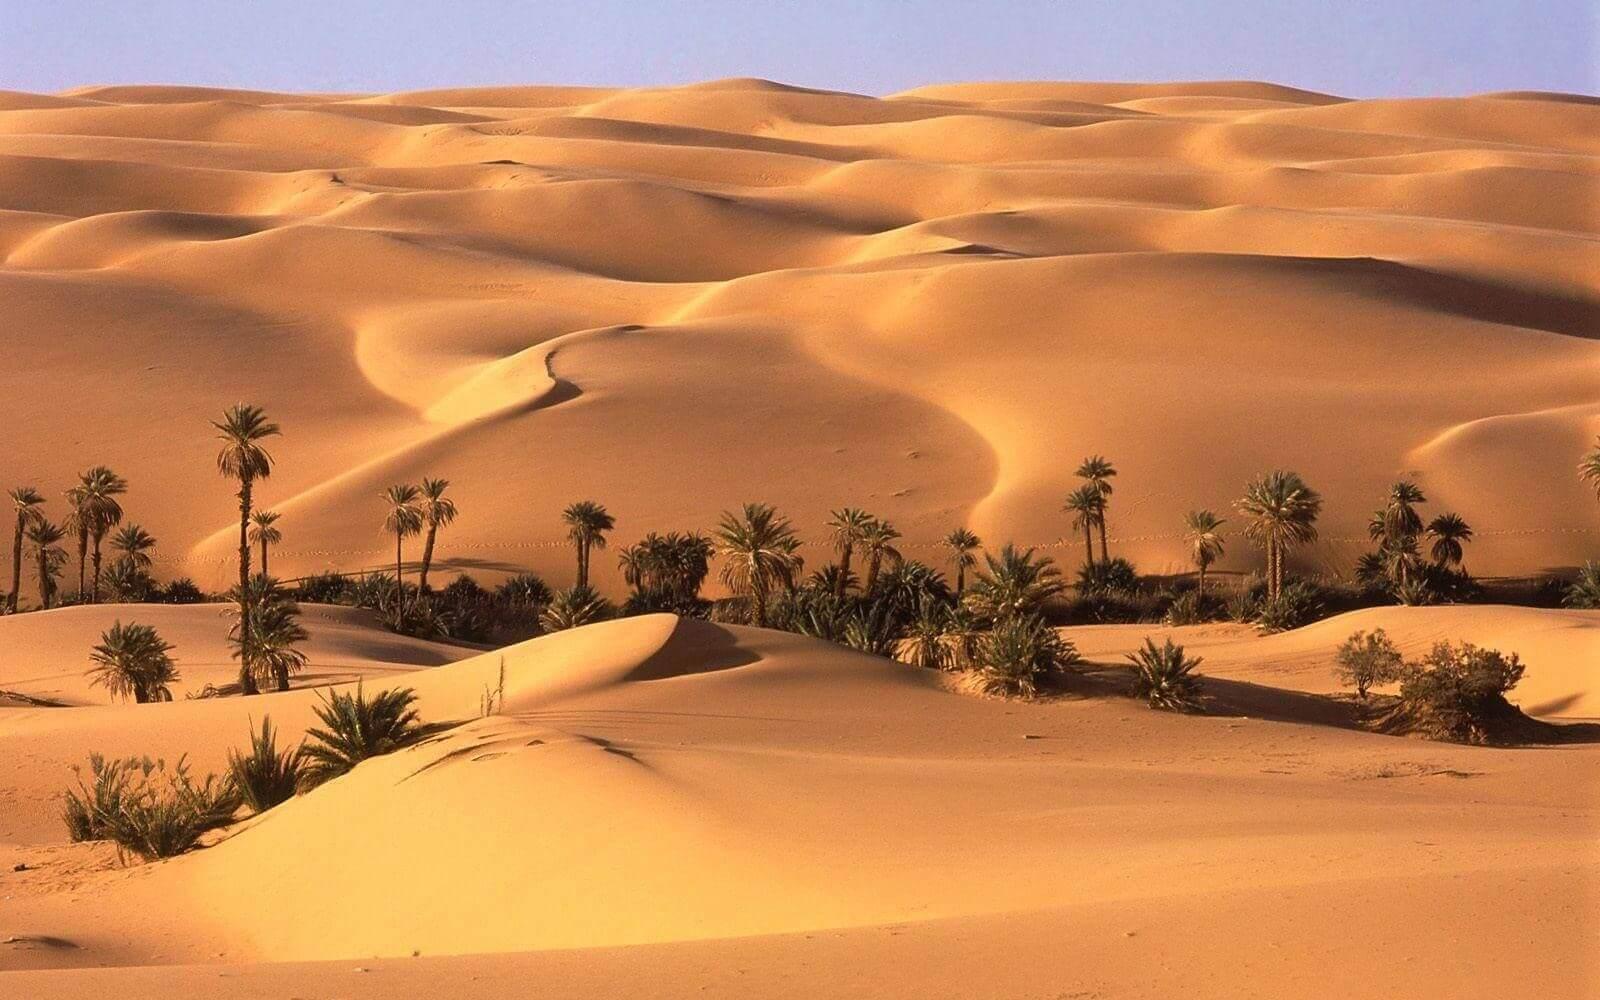 The desert of Egypt